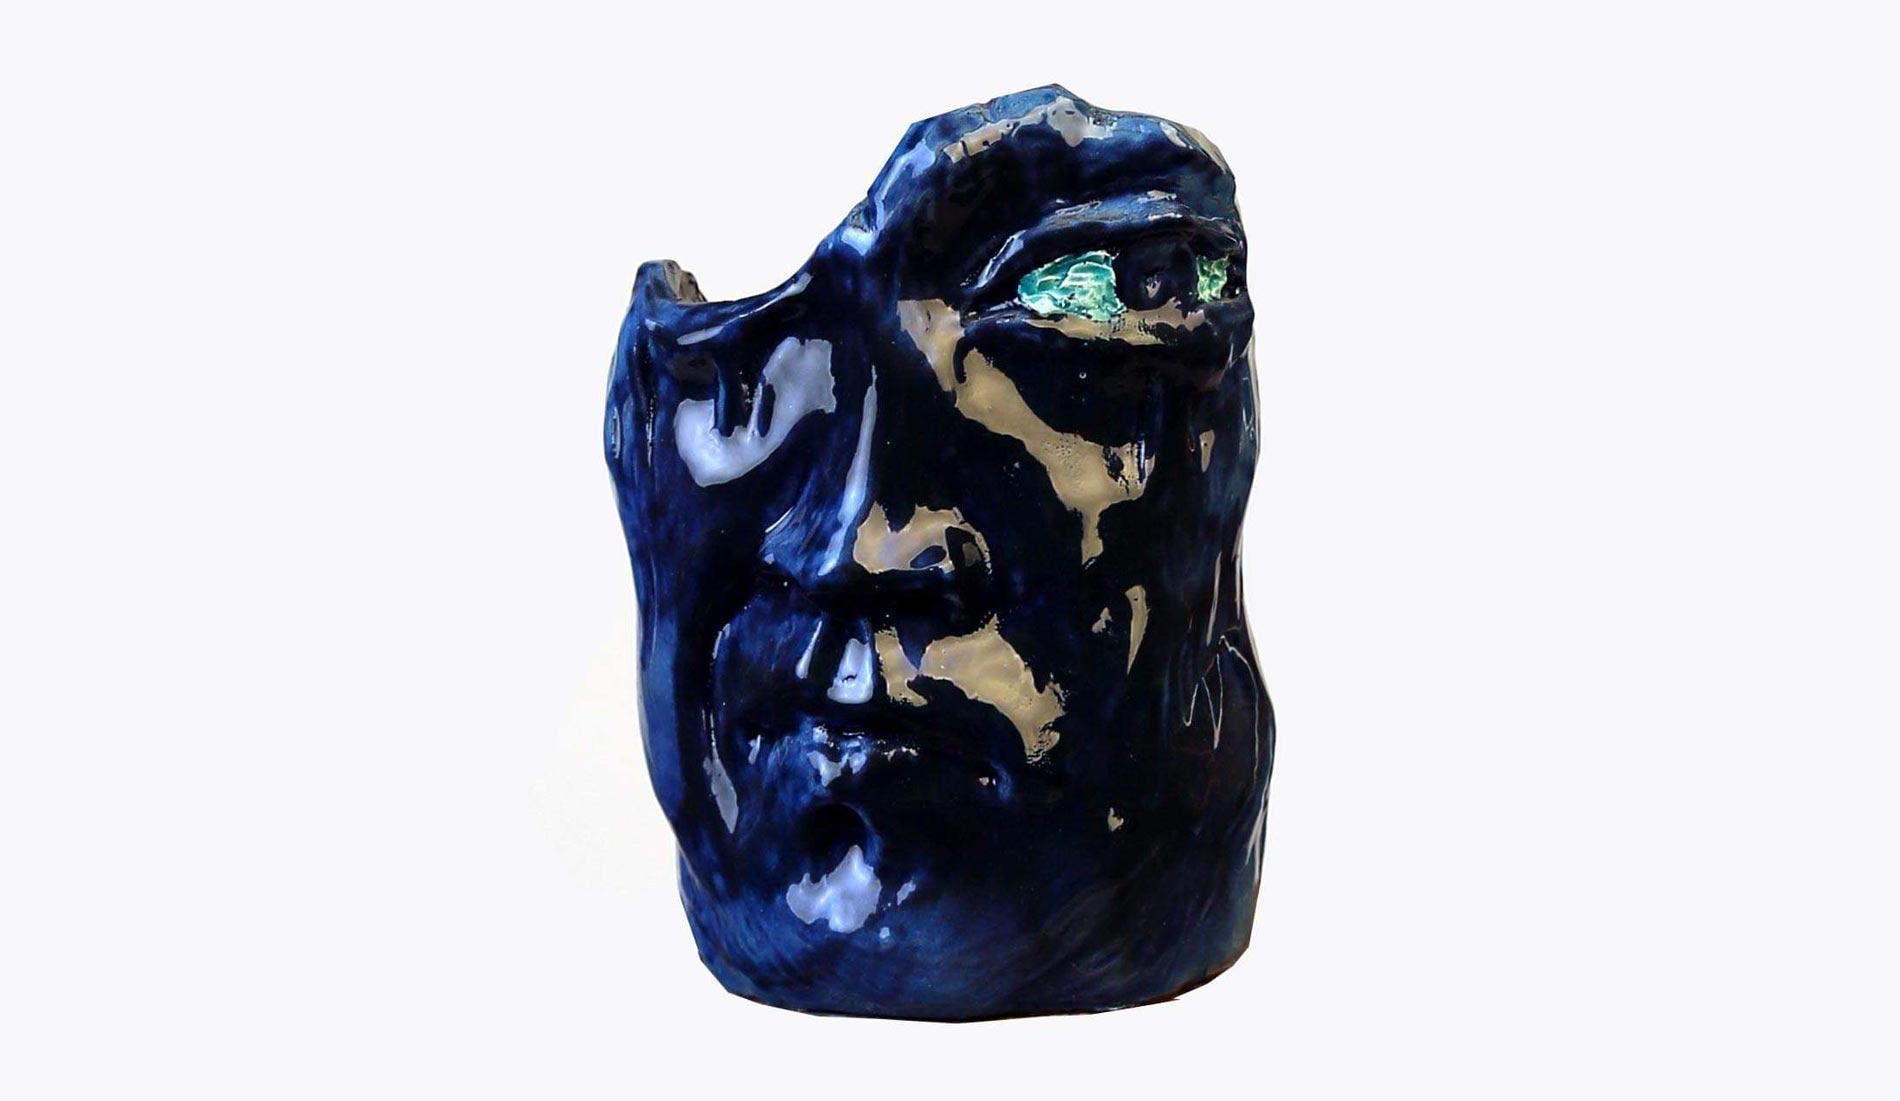 Walter-Bartolucci-scultore-pietrasanta2